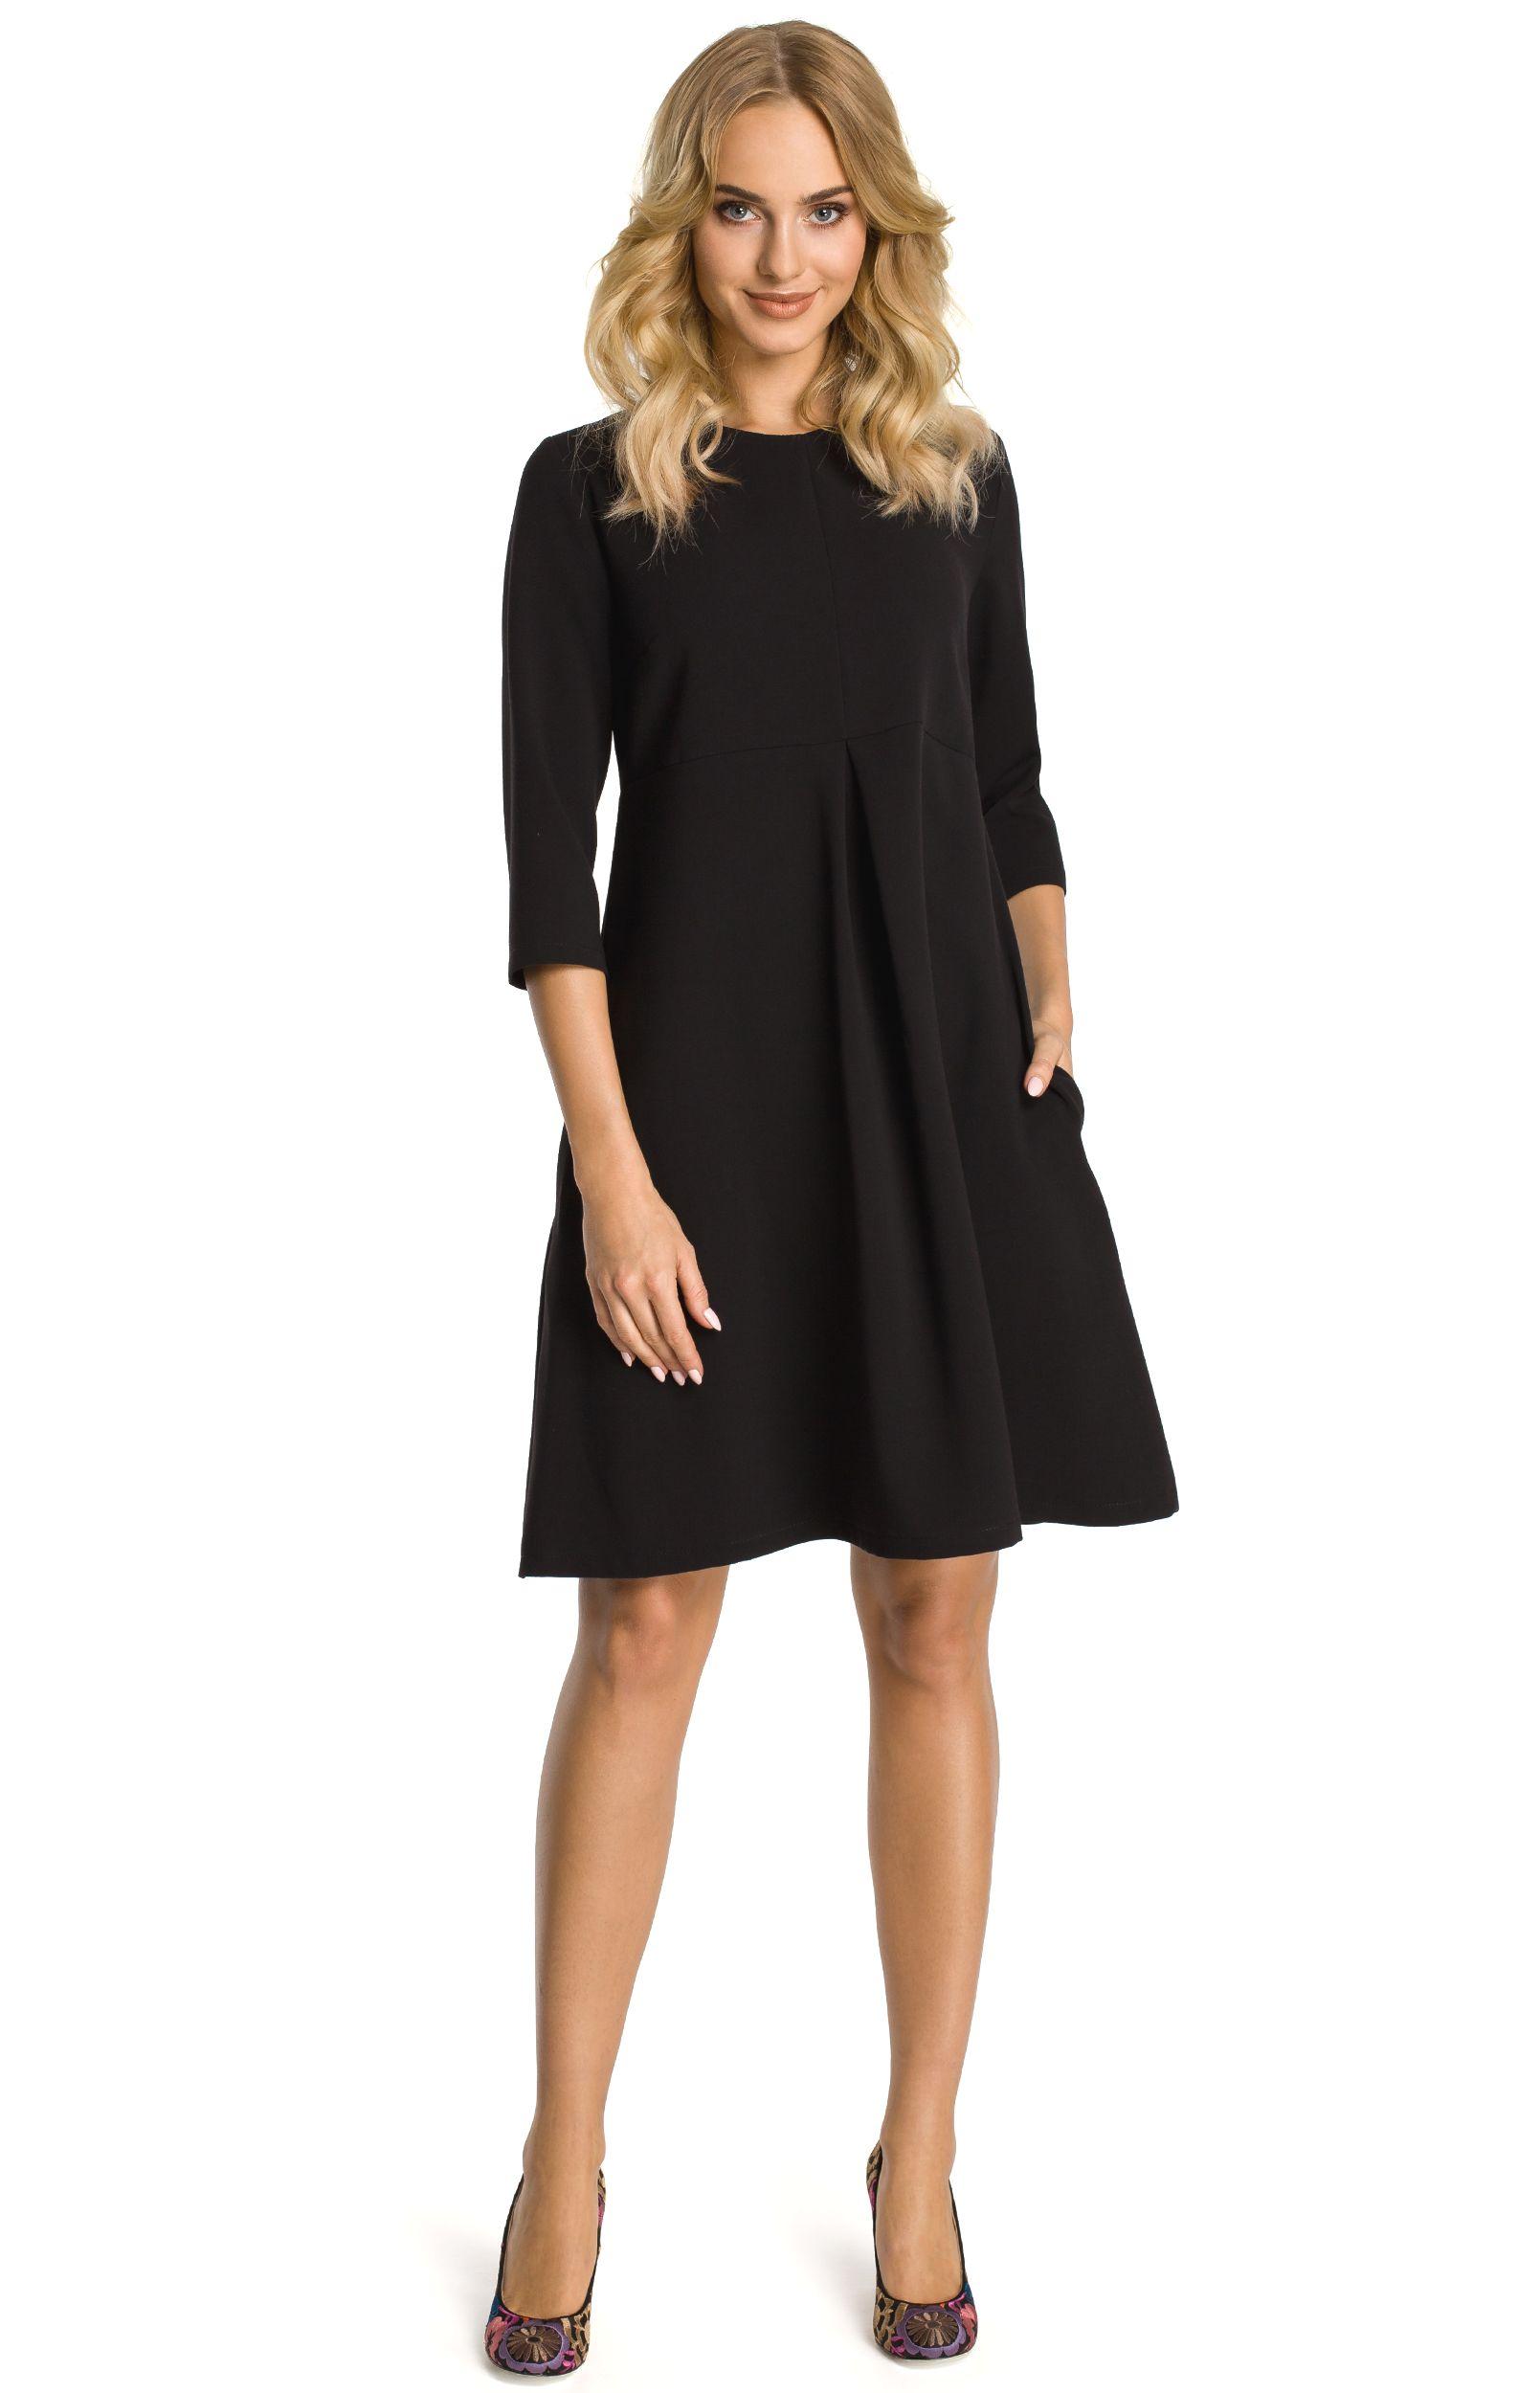 robe trap ze noire manches 3 4 me338n idresstocode boutique de d shabill s et nuisettes. Black Bedroom Furniture Sets. Home Design Ideas